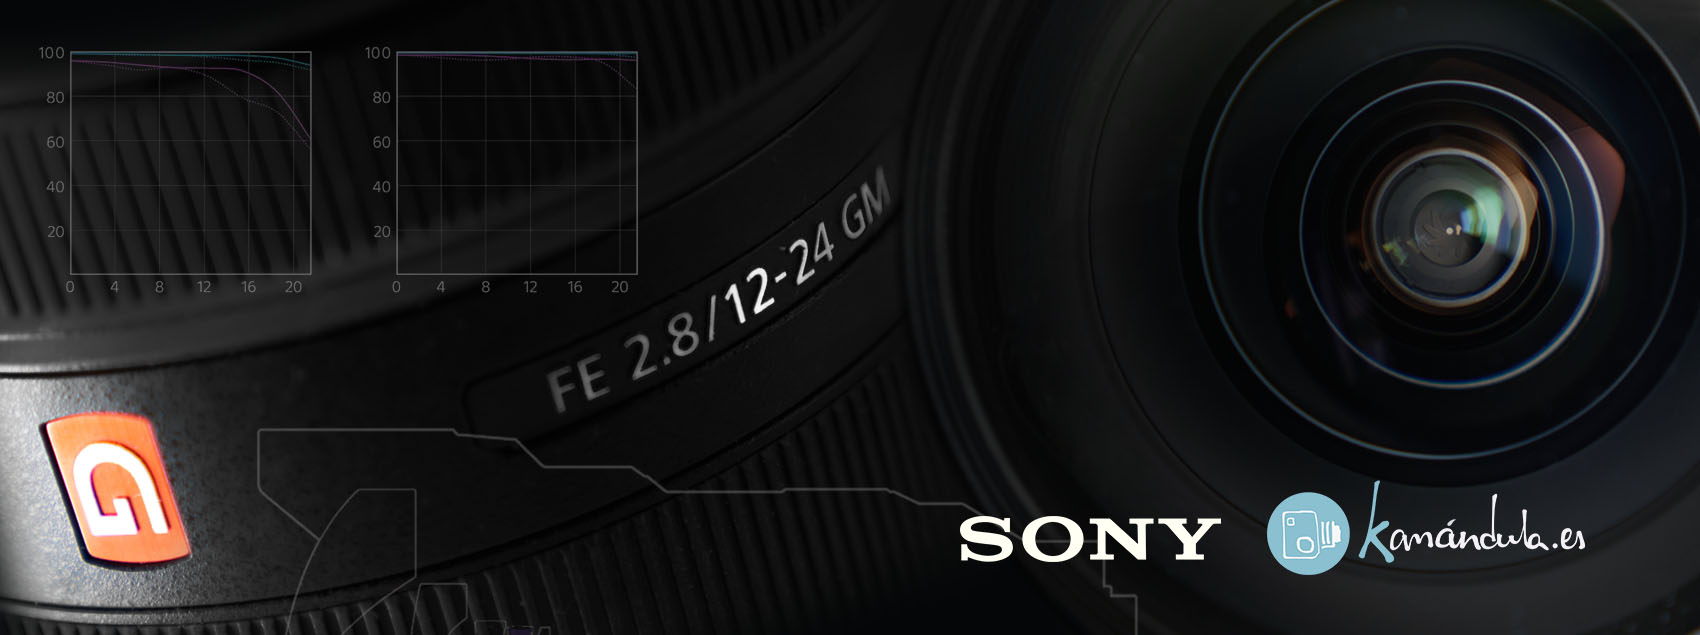 Sony FE 12-24 mm F2.8 GM Review en Español